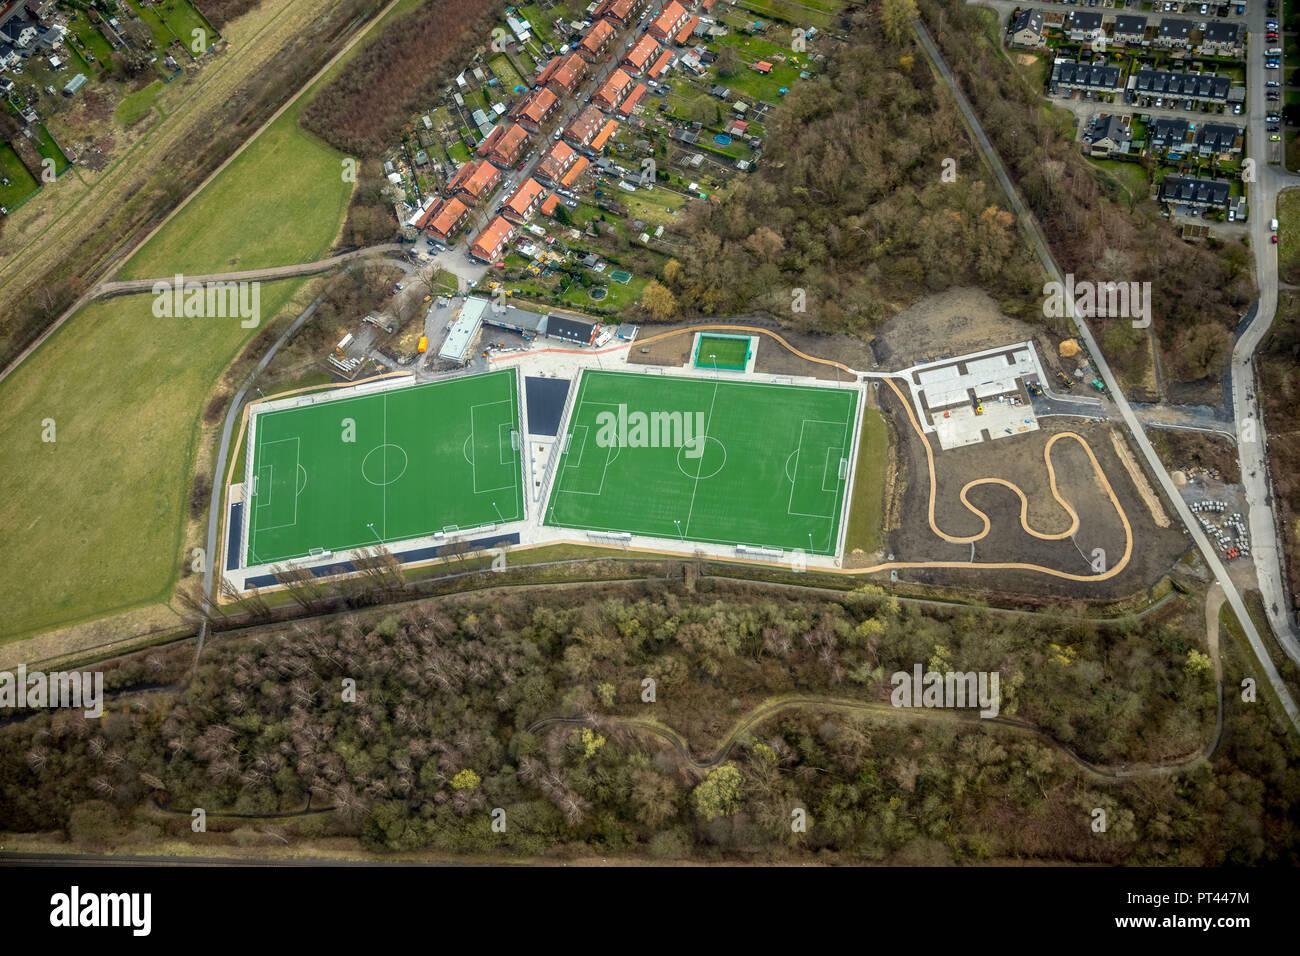 Nuovo impianto sportivo con campo di calcio, tappeto erboso artificiale e pista da jogging del DJK Essen-Katernberg 1919 eV a Meerbruchstraße, Essen, la zona della Ruhr, Nord Reno-Westfalia, Germania Immagini Stock